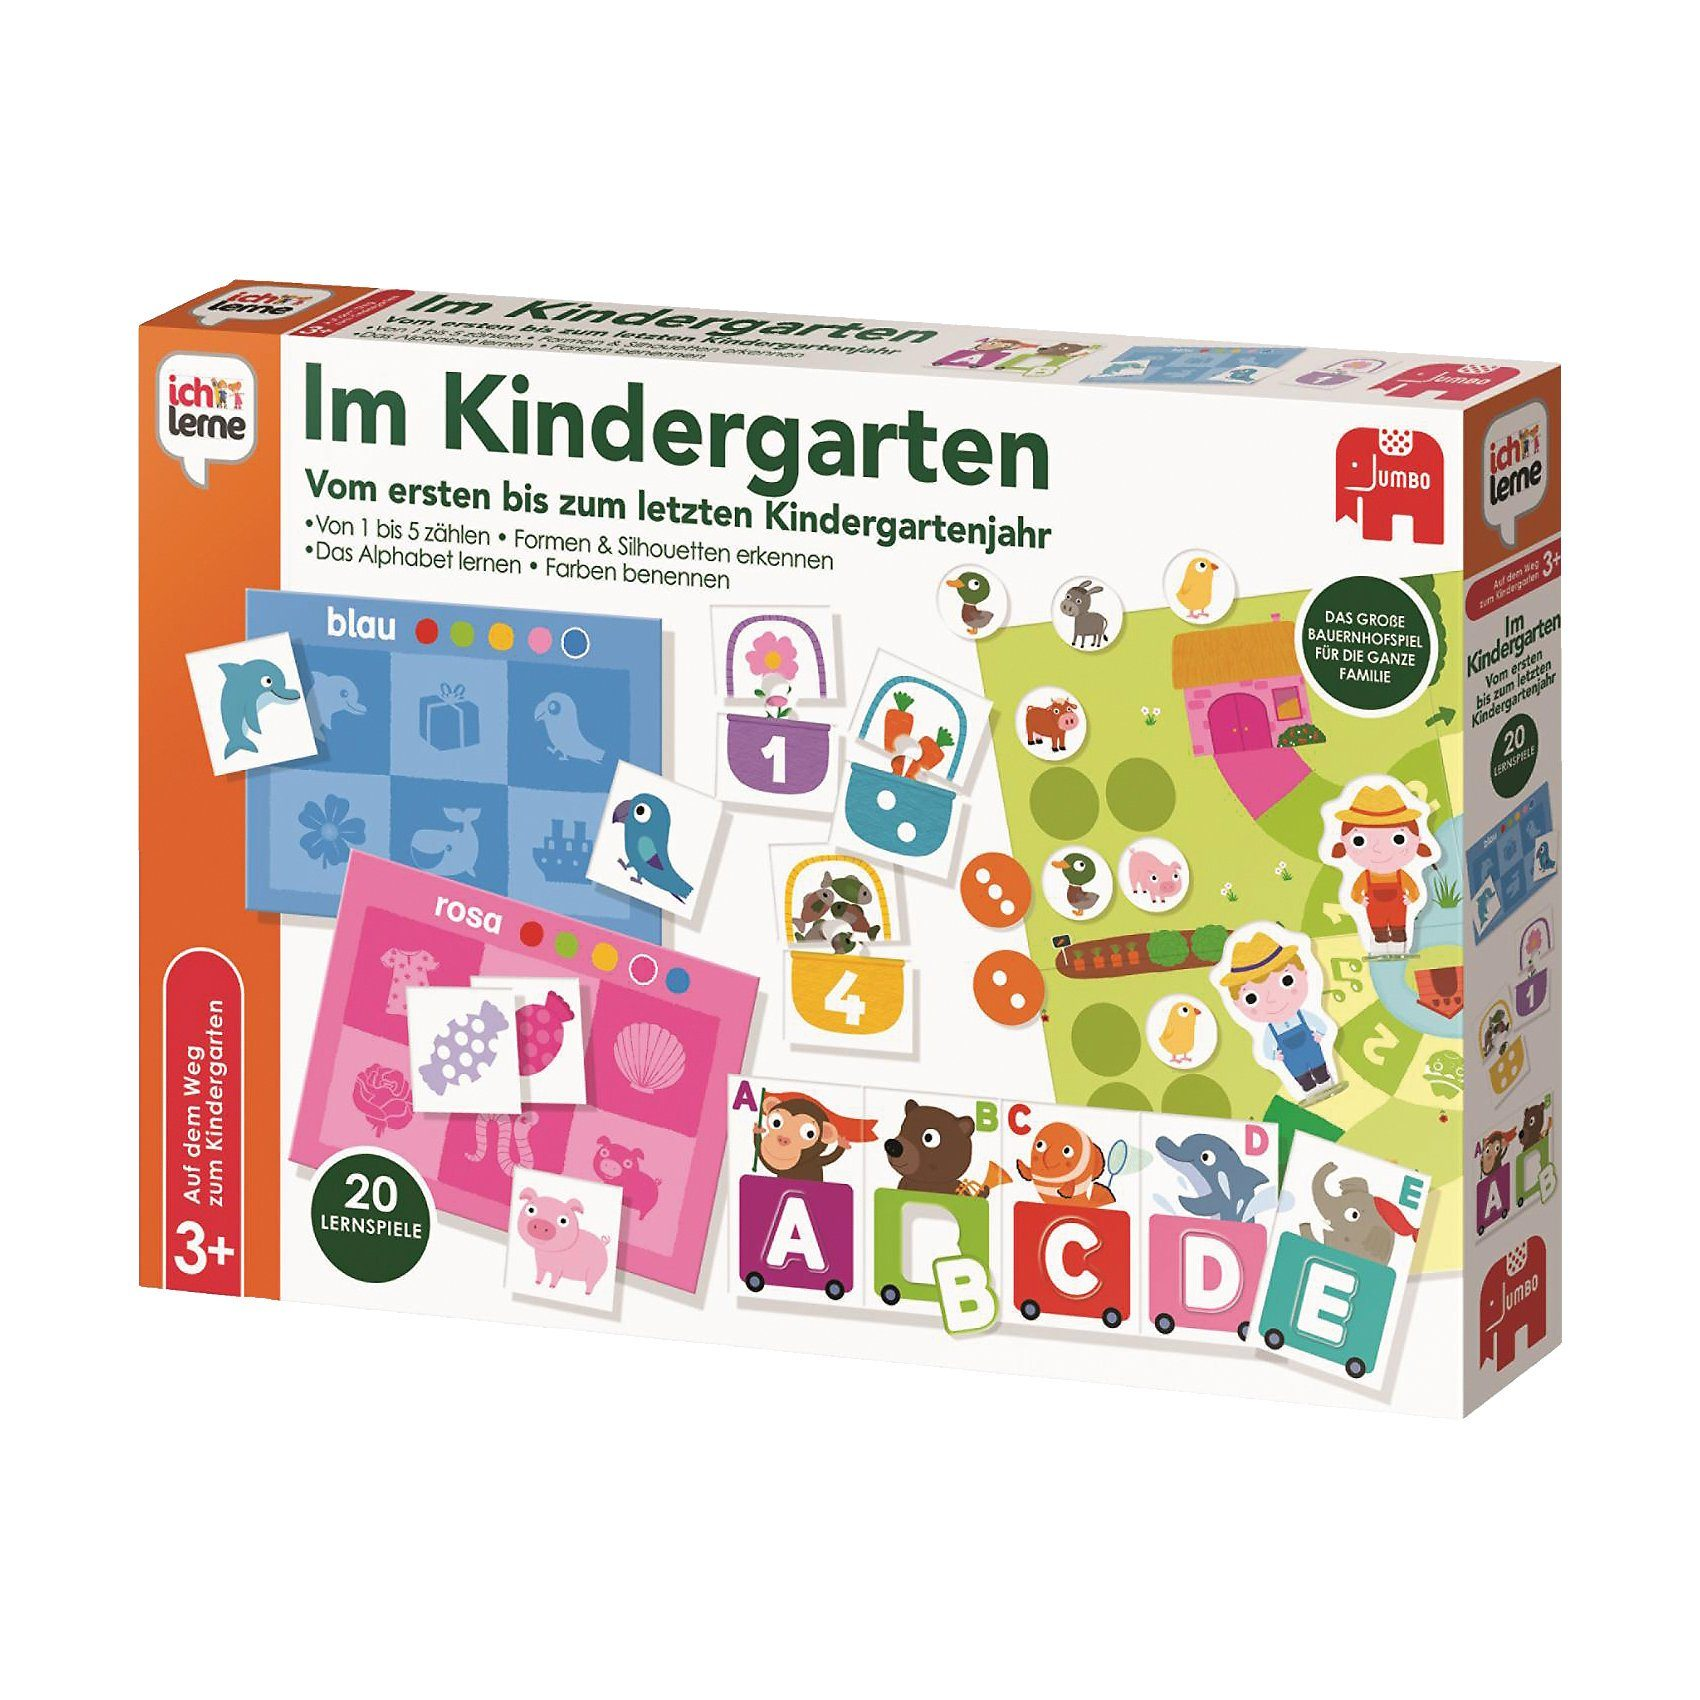 Jumbo Ich lerne - Im Kindergarten